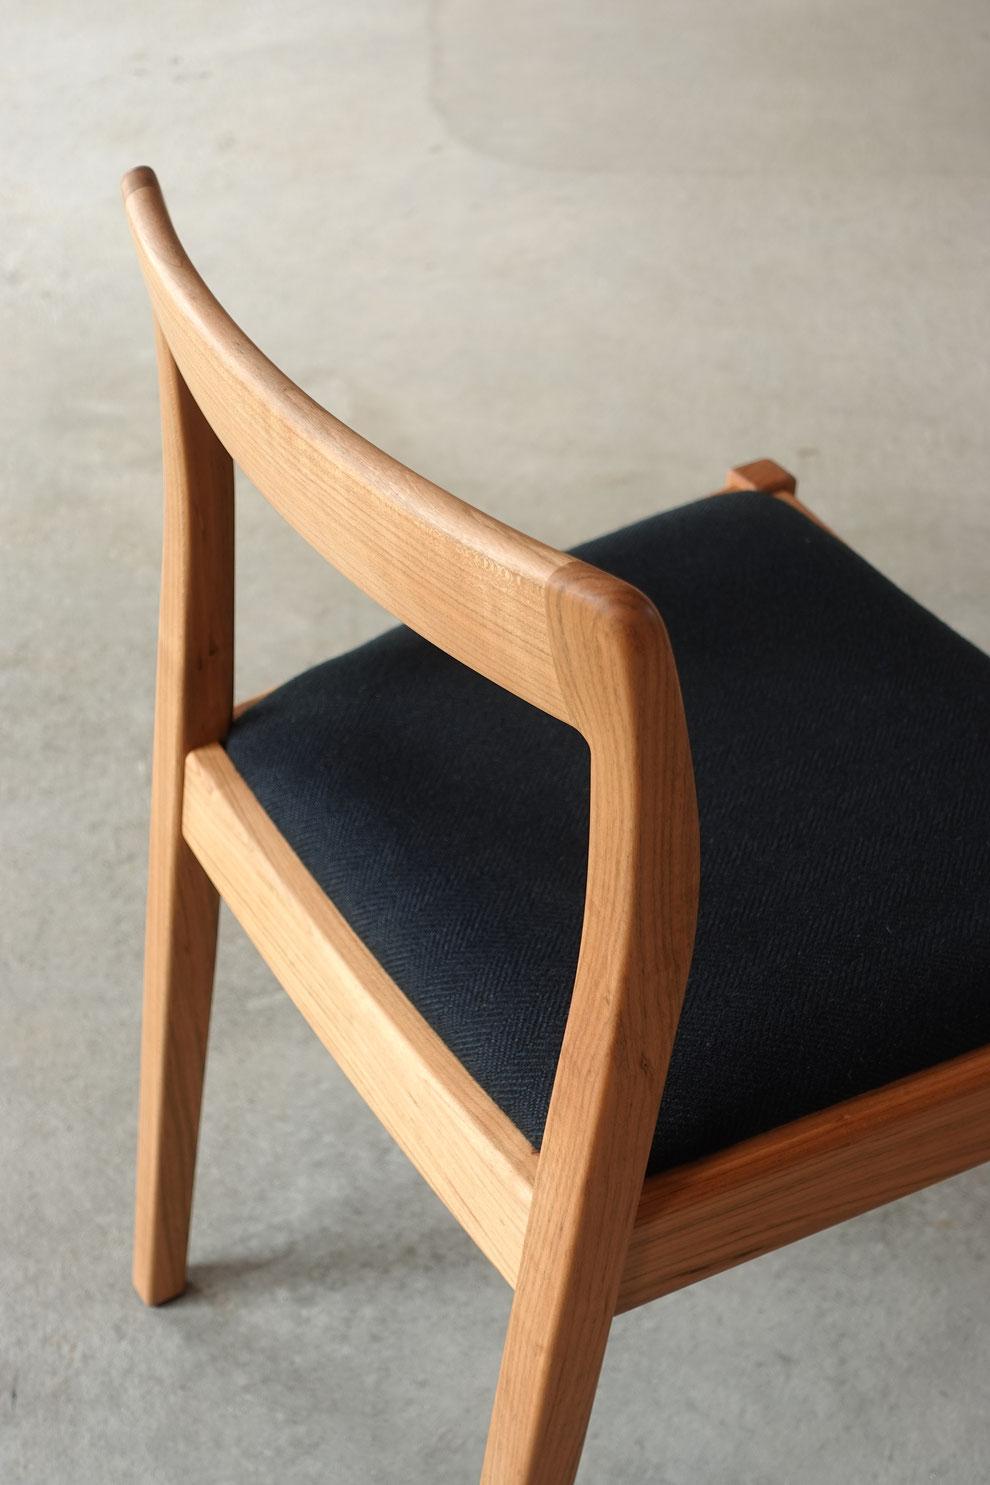 仙台 秋保 オーダー家具 オリジナル クラスコファニチャー 椅子 チェア 座面の高さ 座面の幅 無垢材